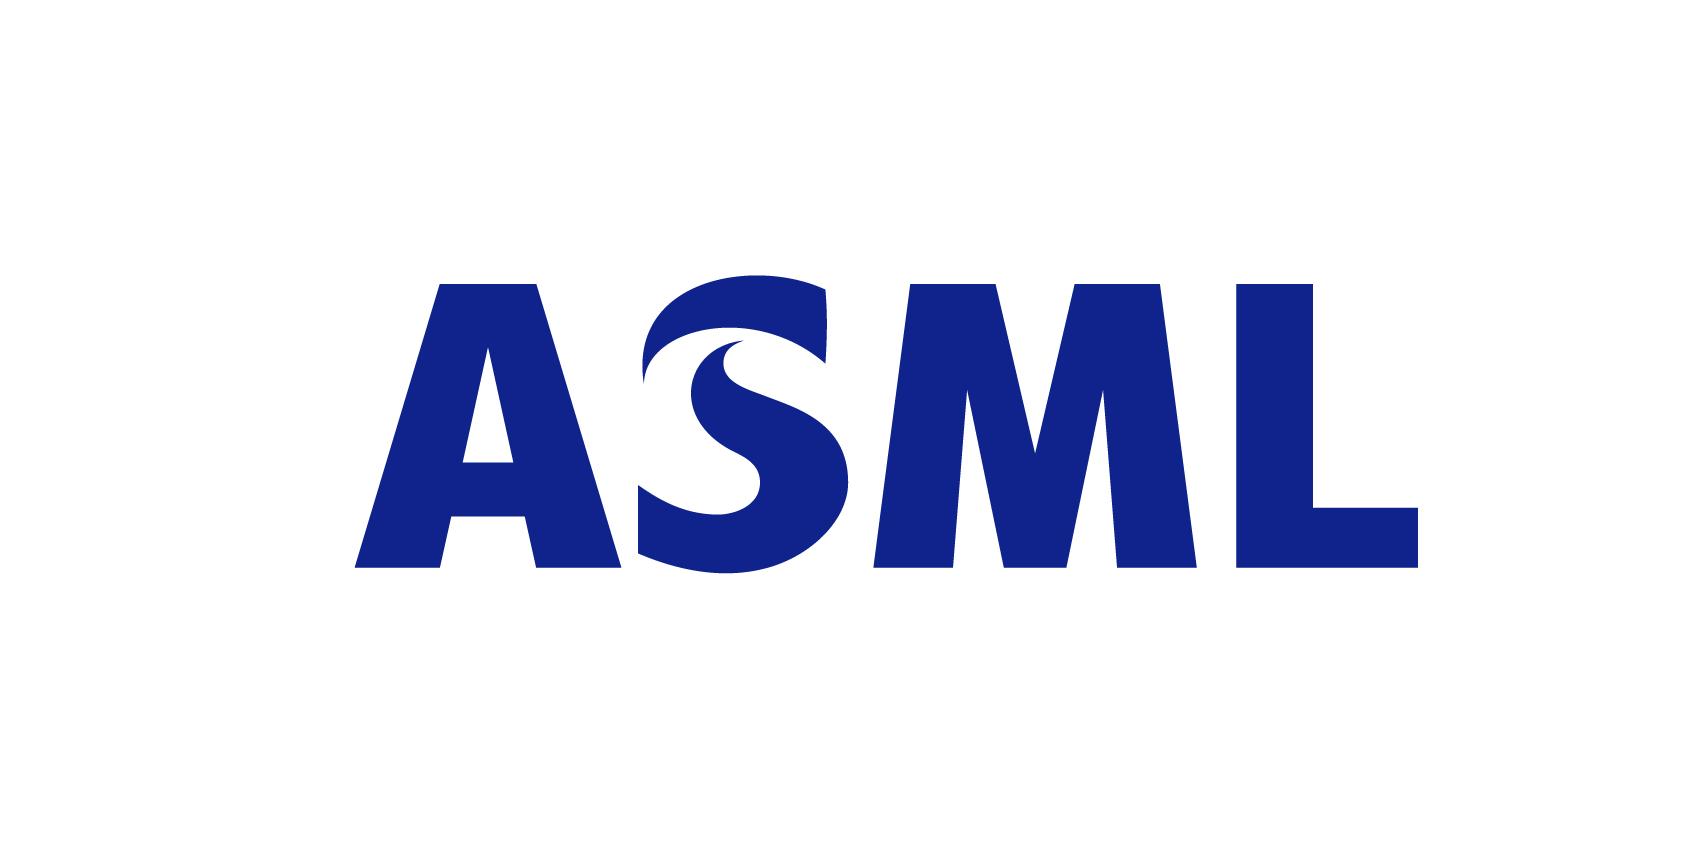 ASML_logo_-_JPG_format_26740.jpg